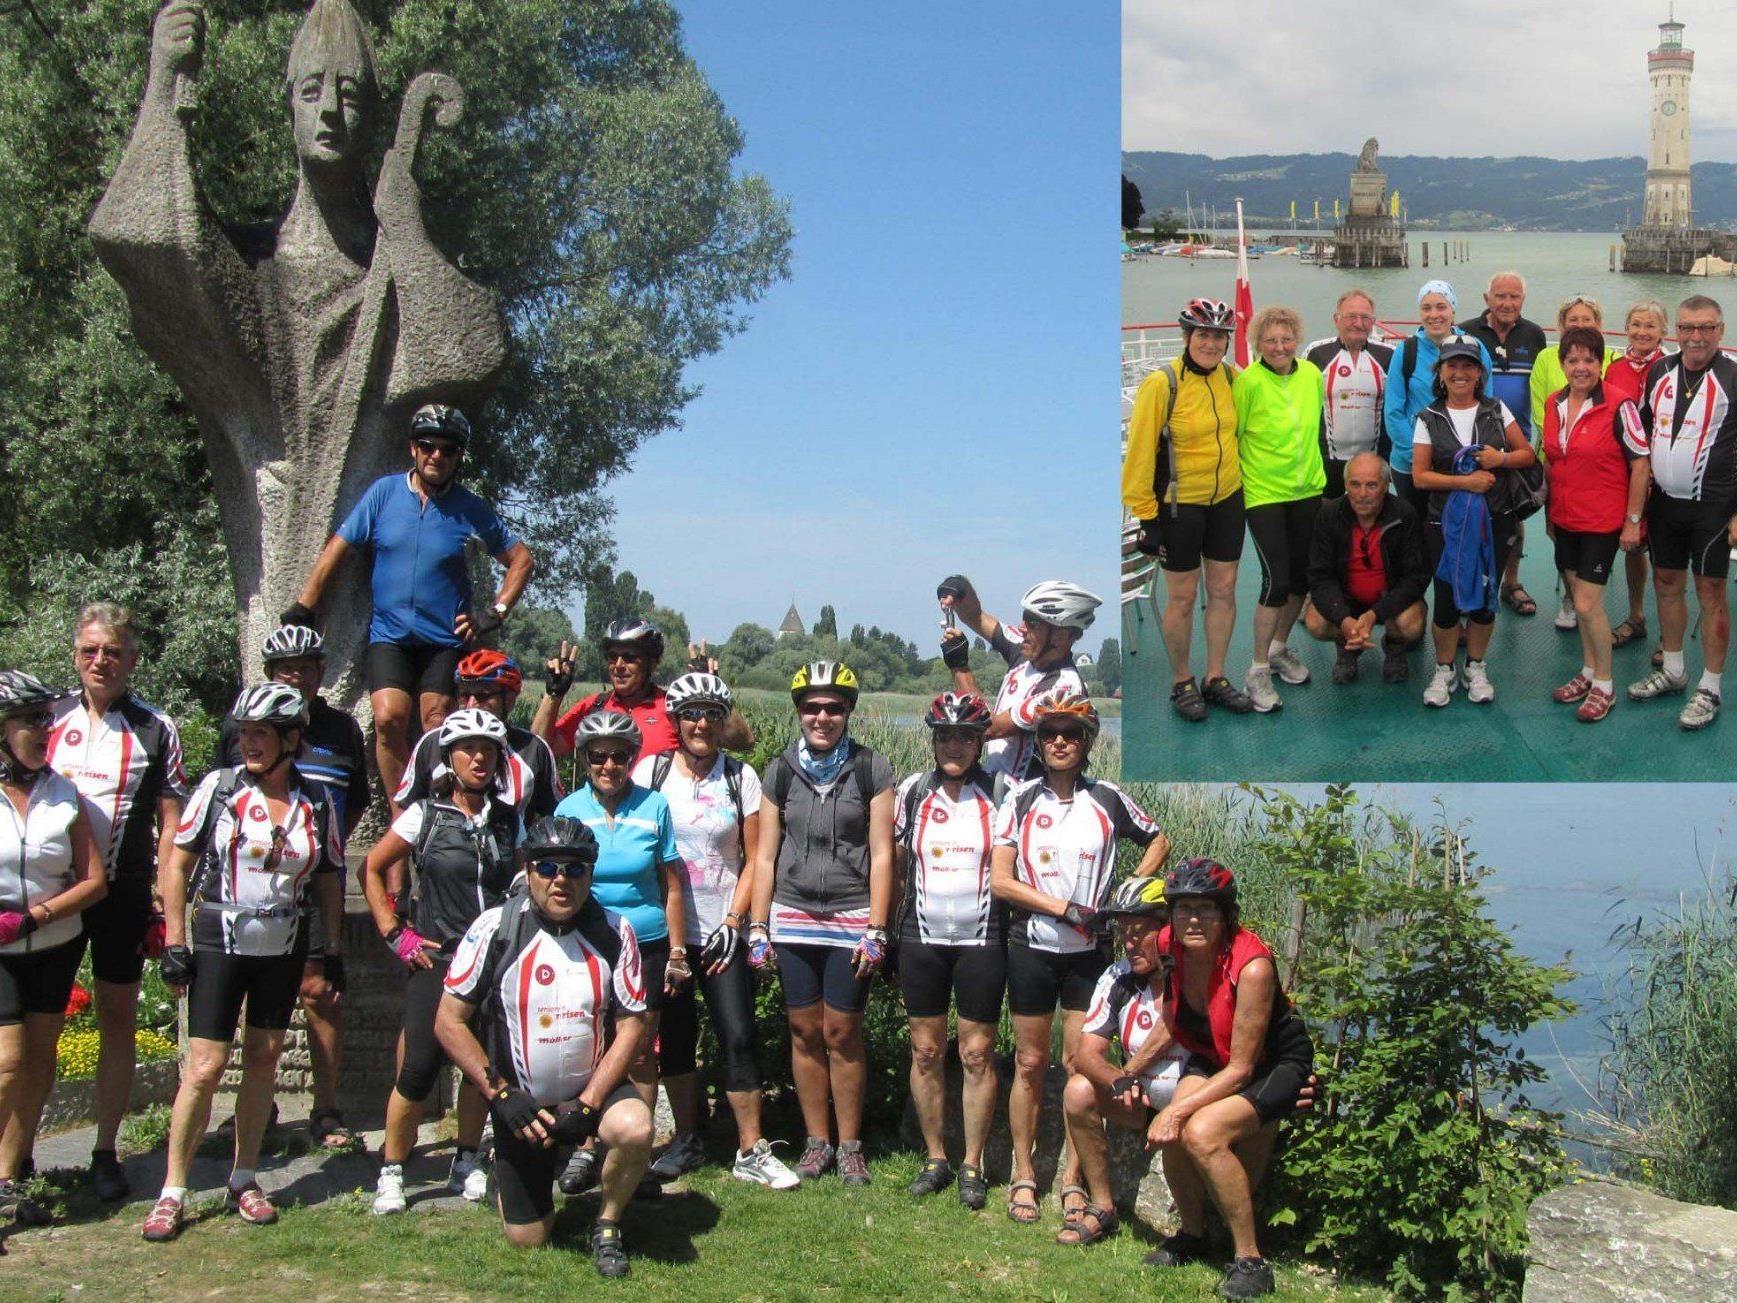 Team per pedales beim Inselhüpfen am Bodensee